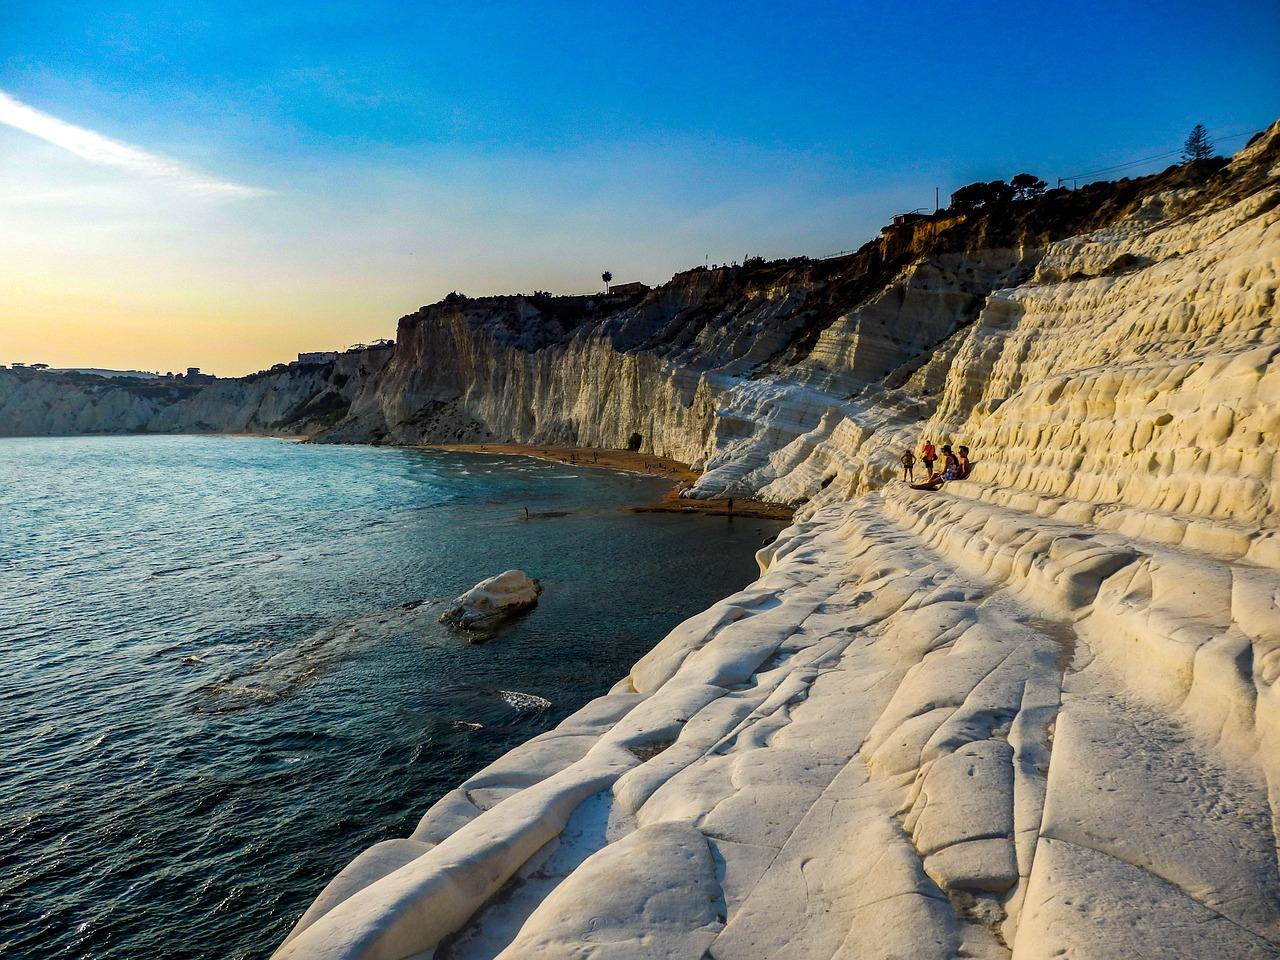 villaggio turistico all inclusive sicilia